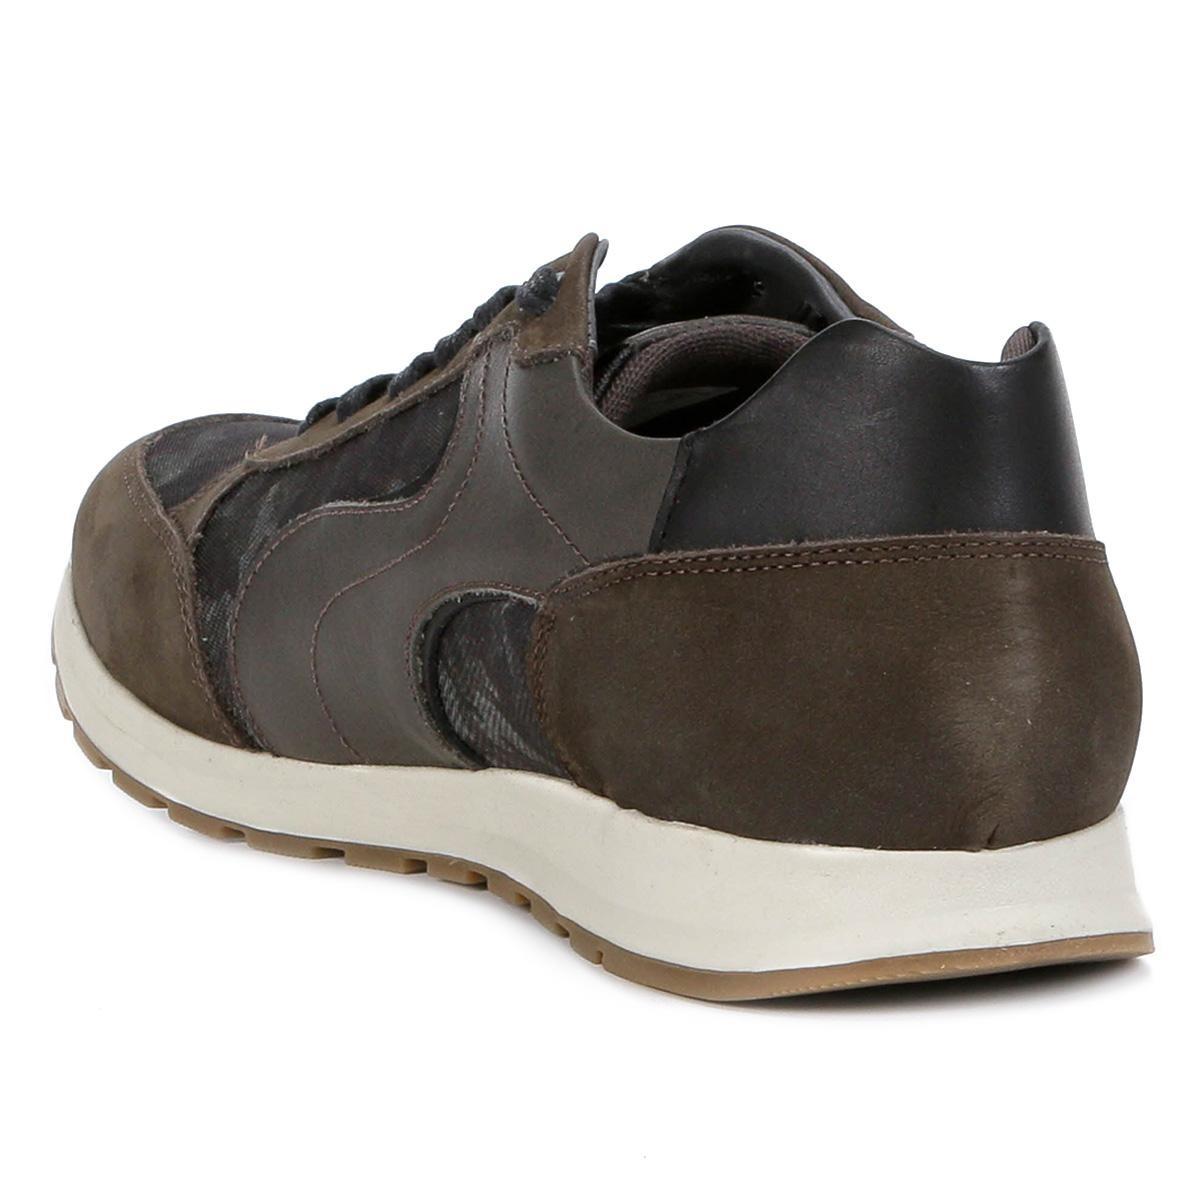 fef2265c9 Tênis Shoestock Jogging Camuflado Masculino - R$ 99,90 em Mercado Livre